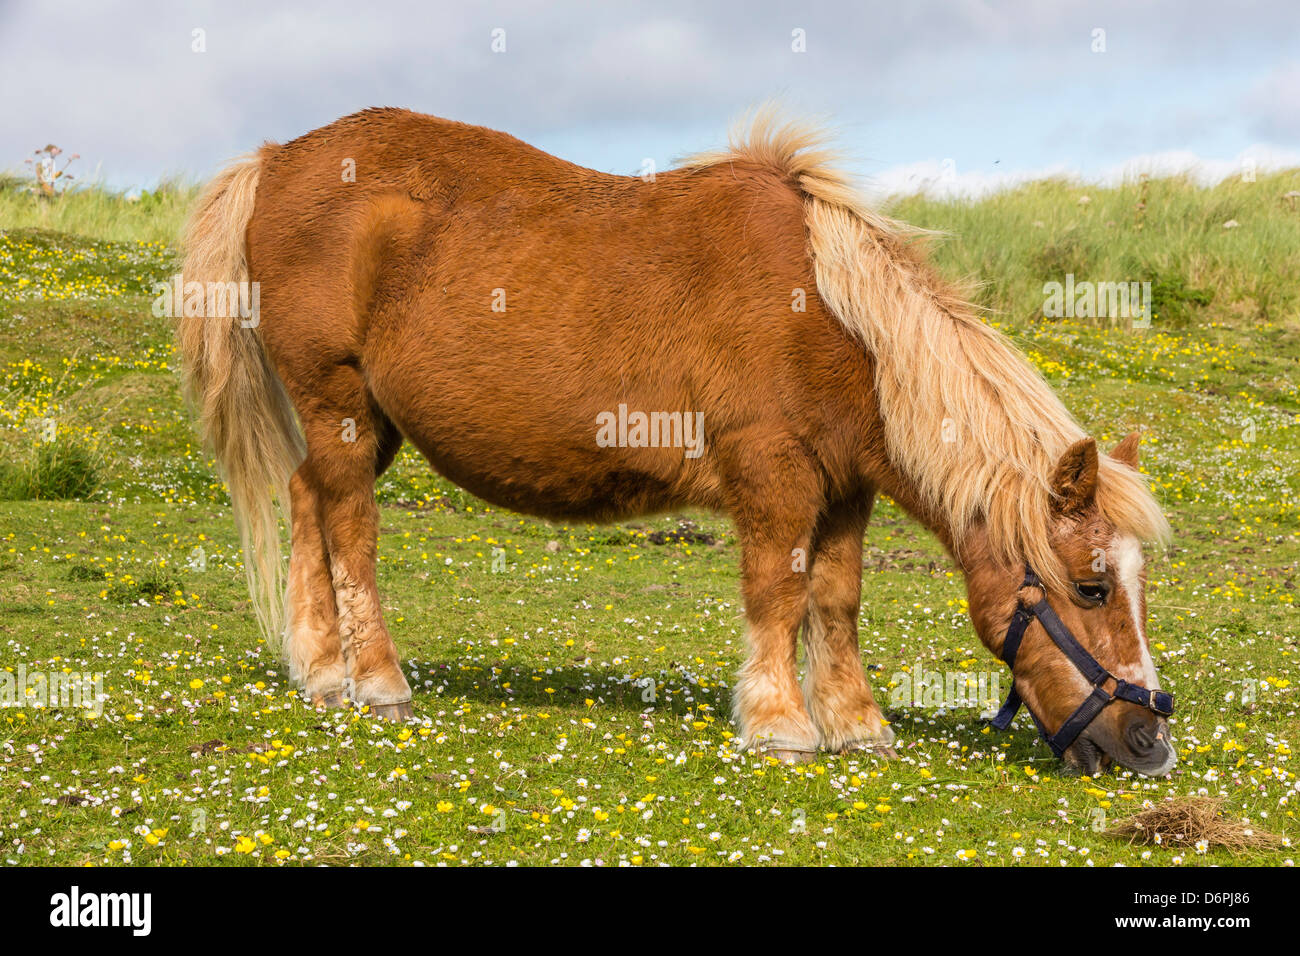 Shetland pony, Jarlshof, Shetland Isles, Scotland, United Kingdom, Europe - Stock Image